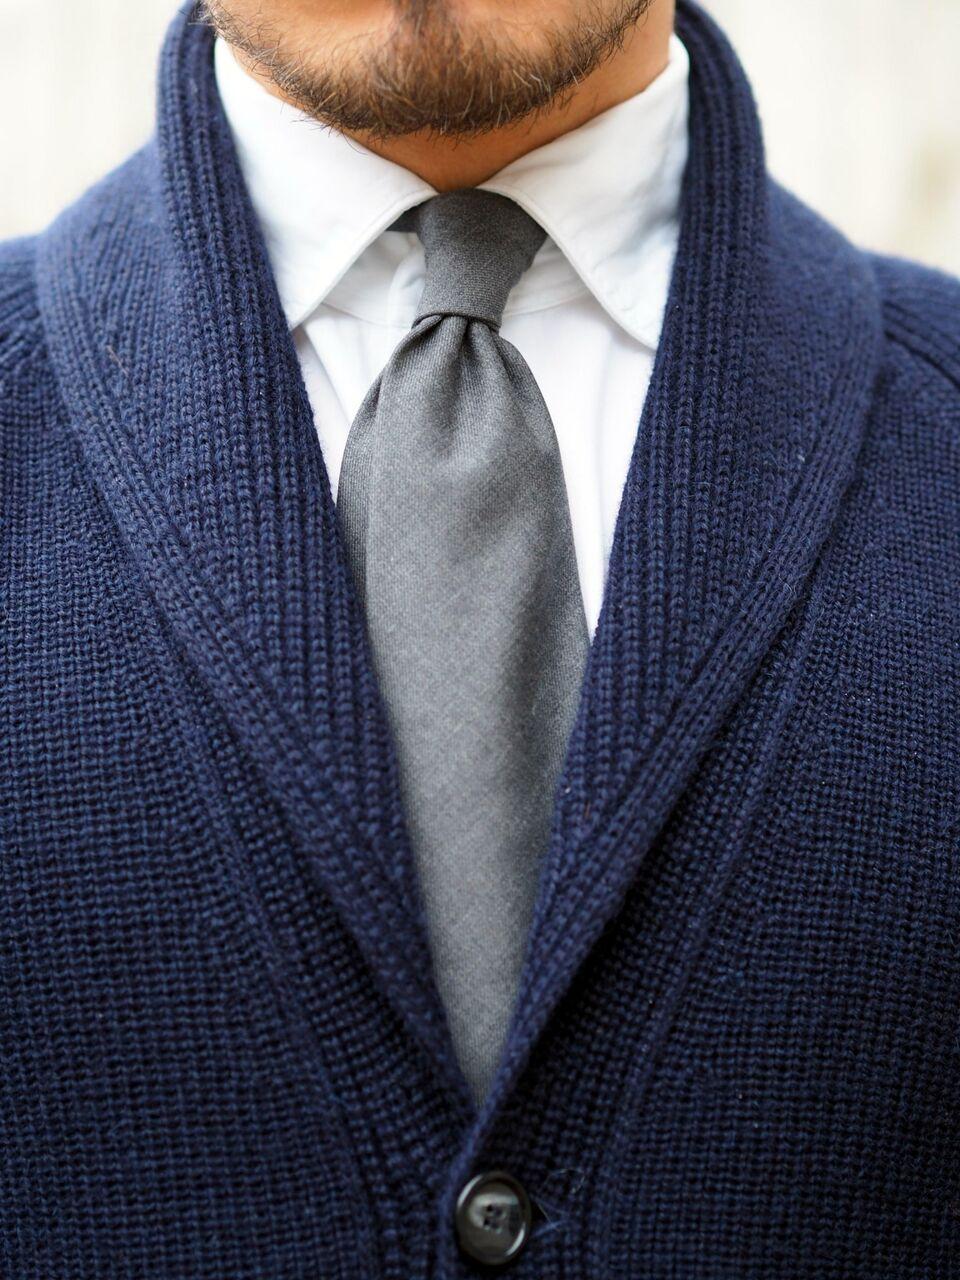 c7aba5c861 Ezeket a nyakkendőszabályokat minden férfinak érdemes ismernie | Az ...